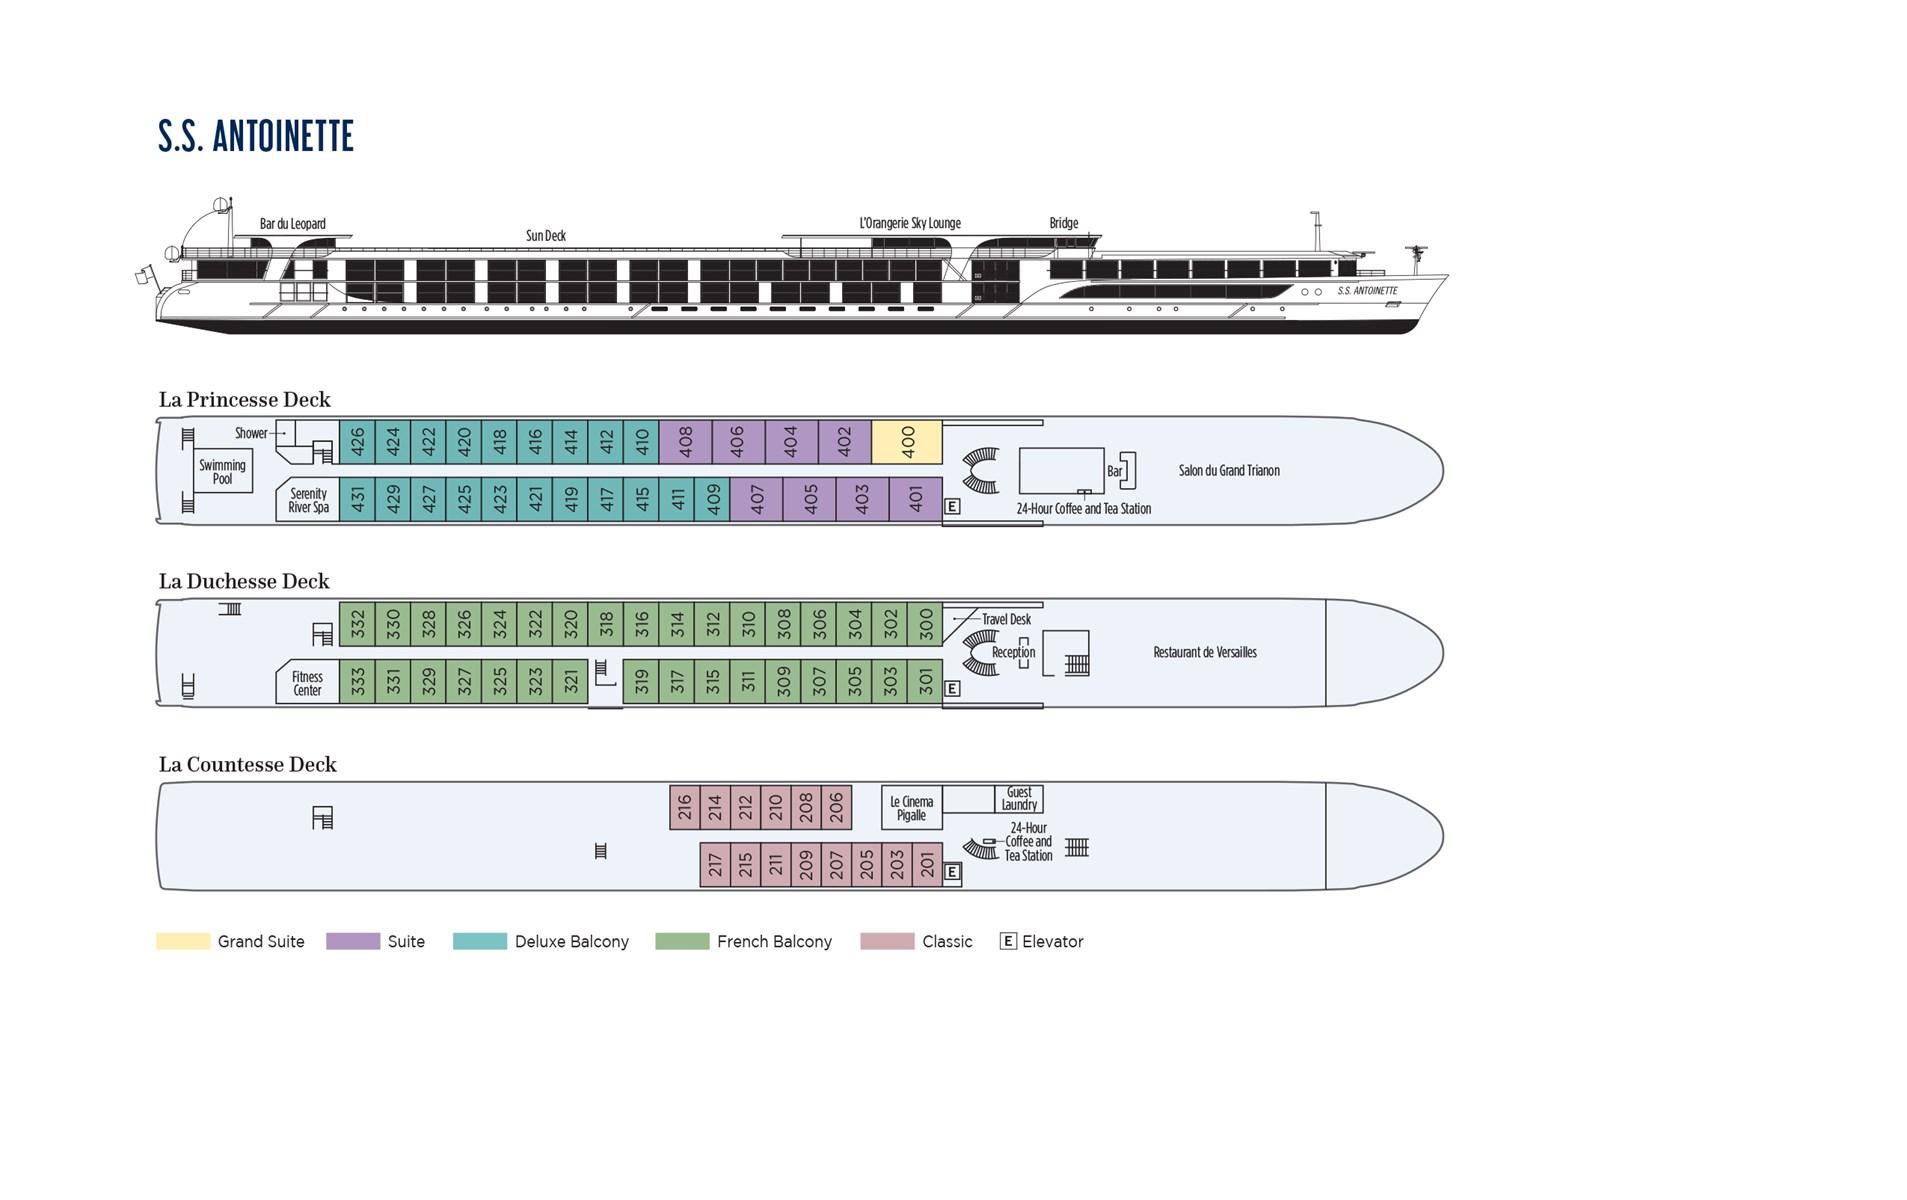 S.S. Antoinette Deck Plan